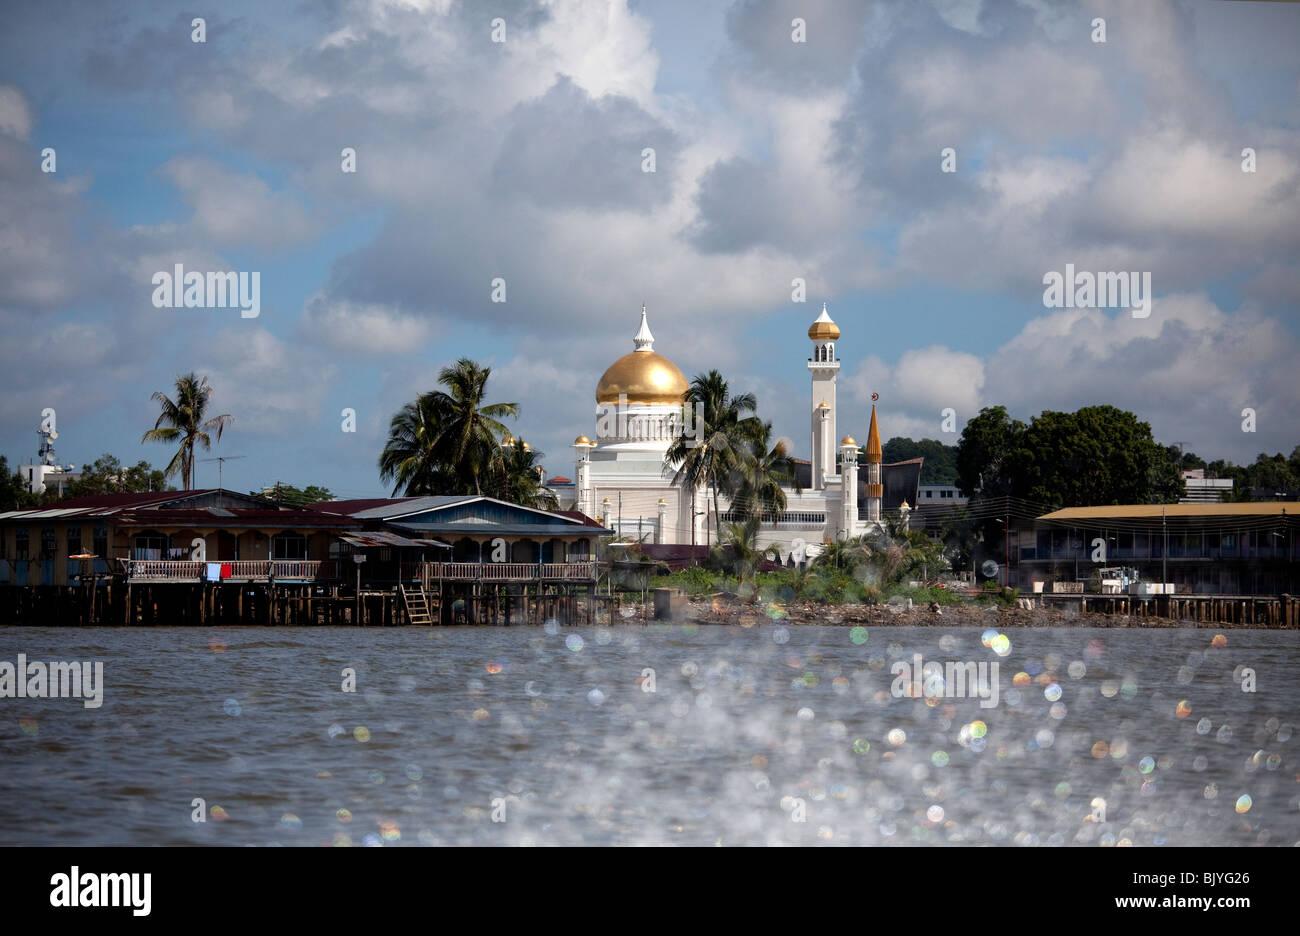 Bandar Seri Begawan Brunei upriver mostra sultani palazzo sul veloce barca d'acqua. Immagini Stock